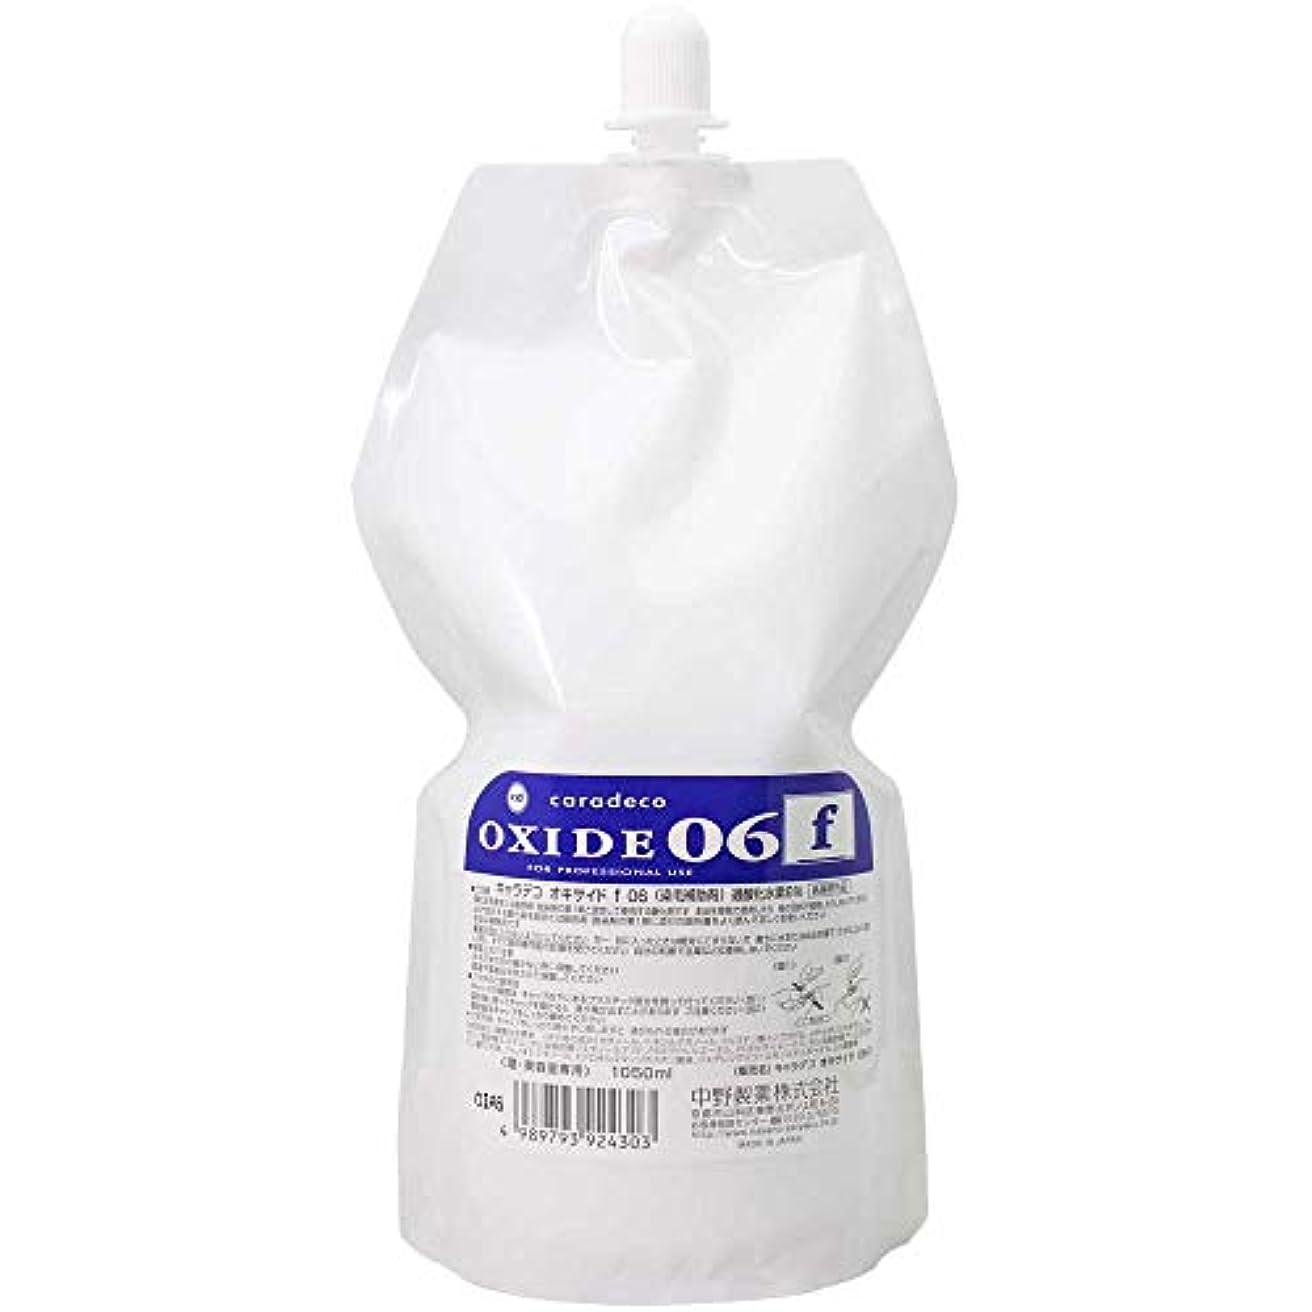 策定する歪める外交【ナカノ】キャラデコ オキサイドf 06 第2剤 (過酸化水素6%) 1050ml